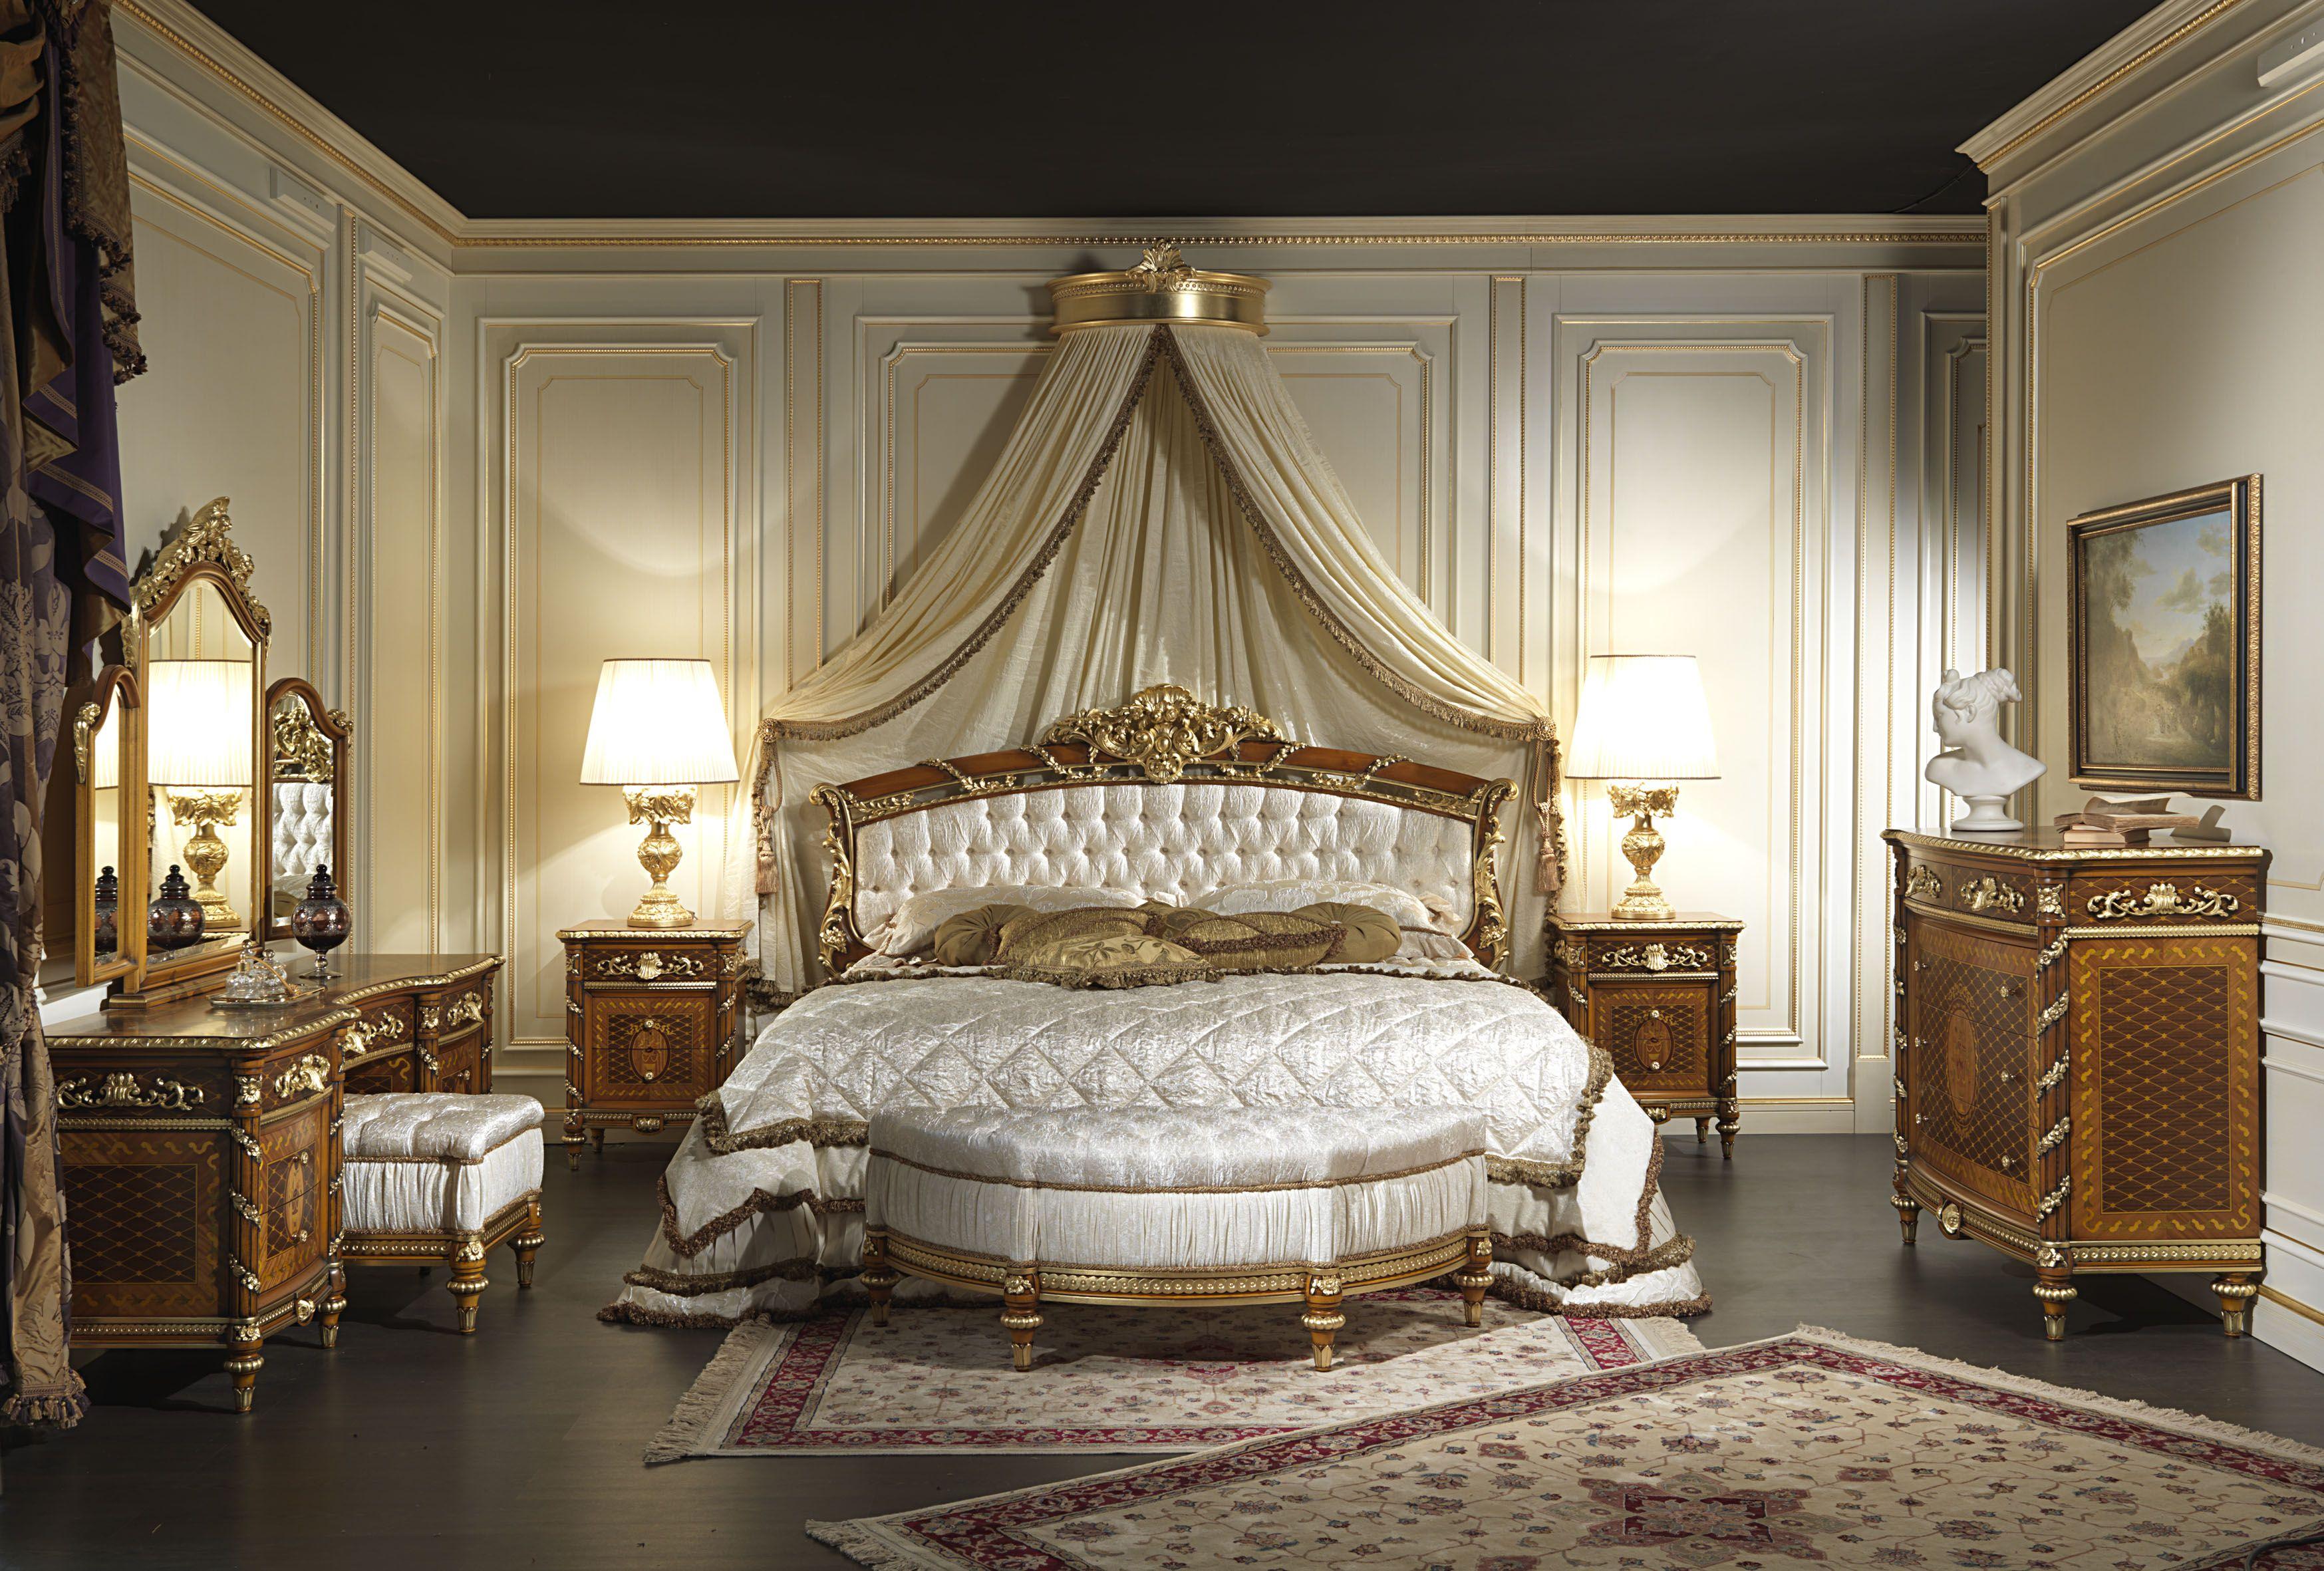 Vimercati Mobili Classici Classic Bedroom Luxury Furniture Classic Bedroom Design